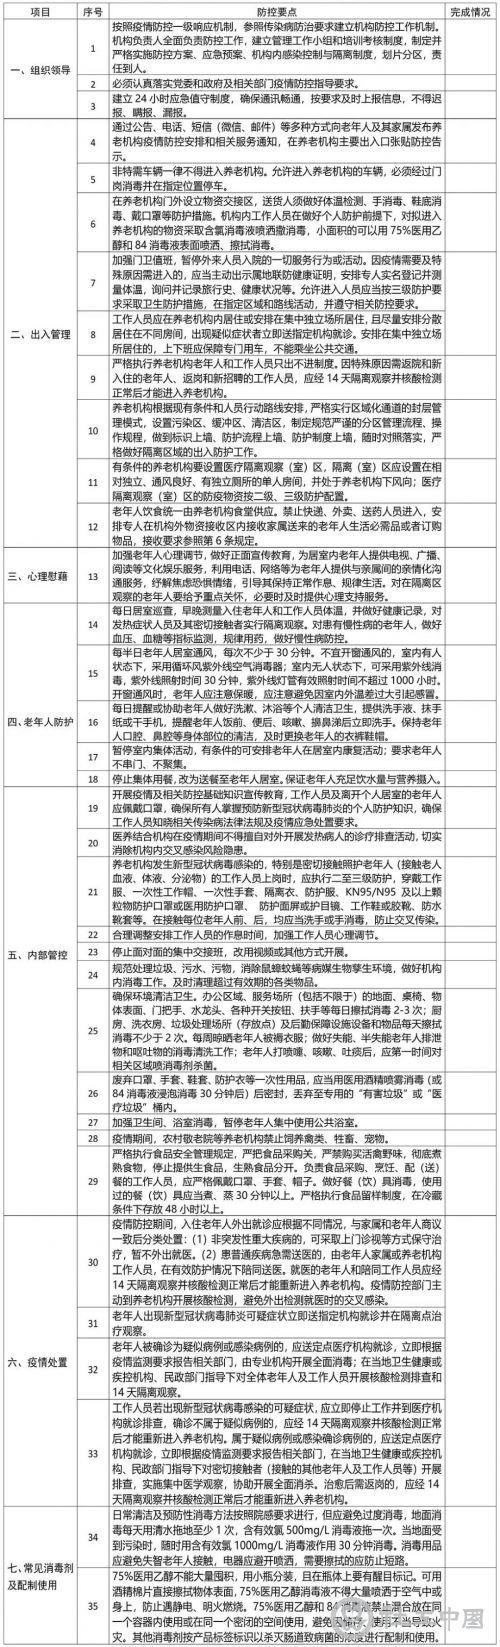 民政部公布疫情高风险地区及养老机构防控指南